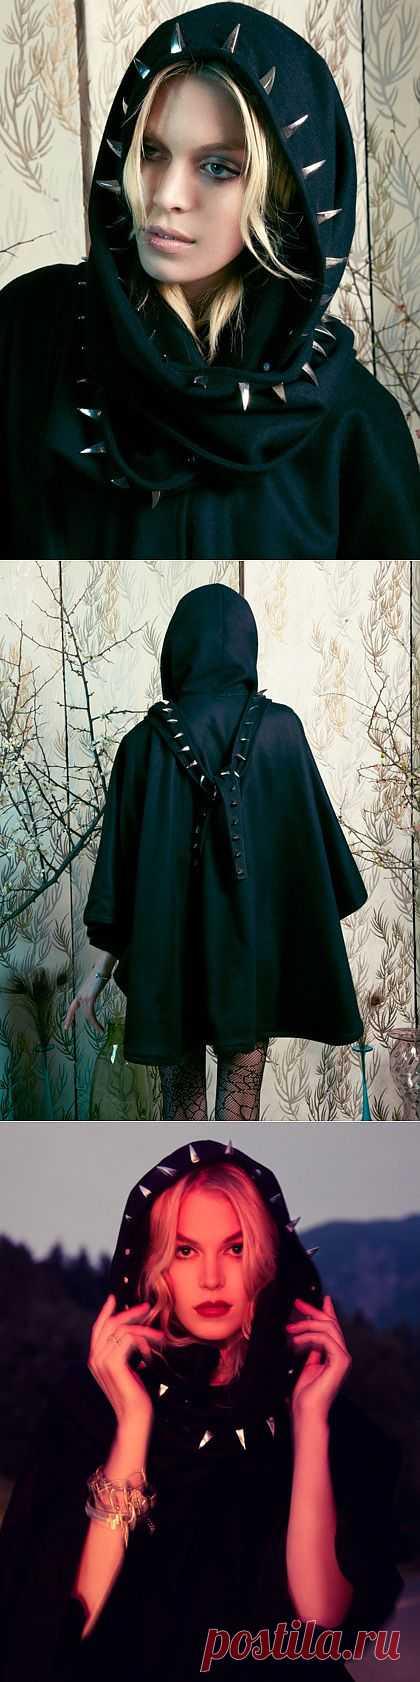 Интересная отделка капюшона / Пальто и плащ / Модный сайт о стильной переделке одежды и интерьера